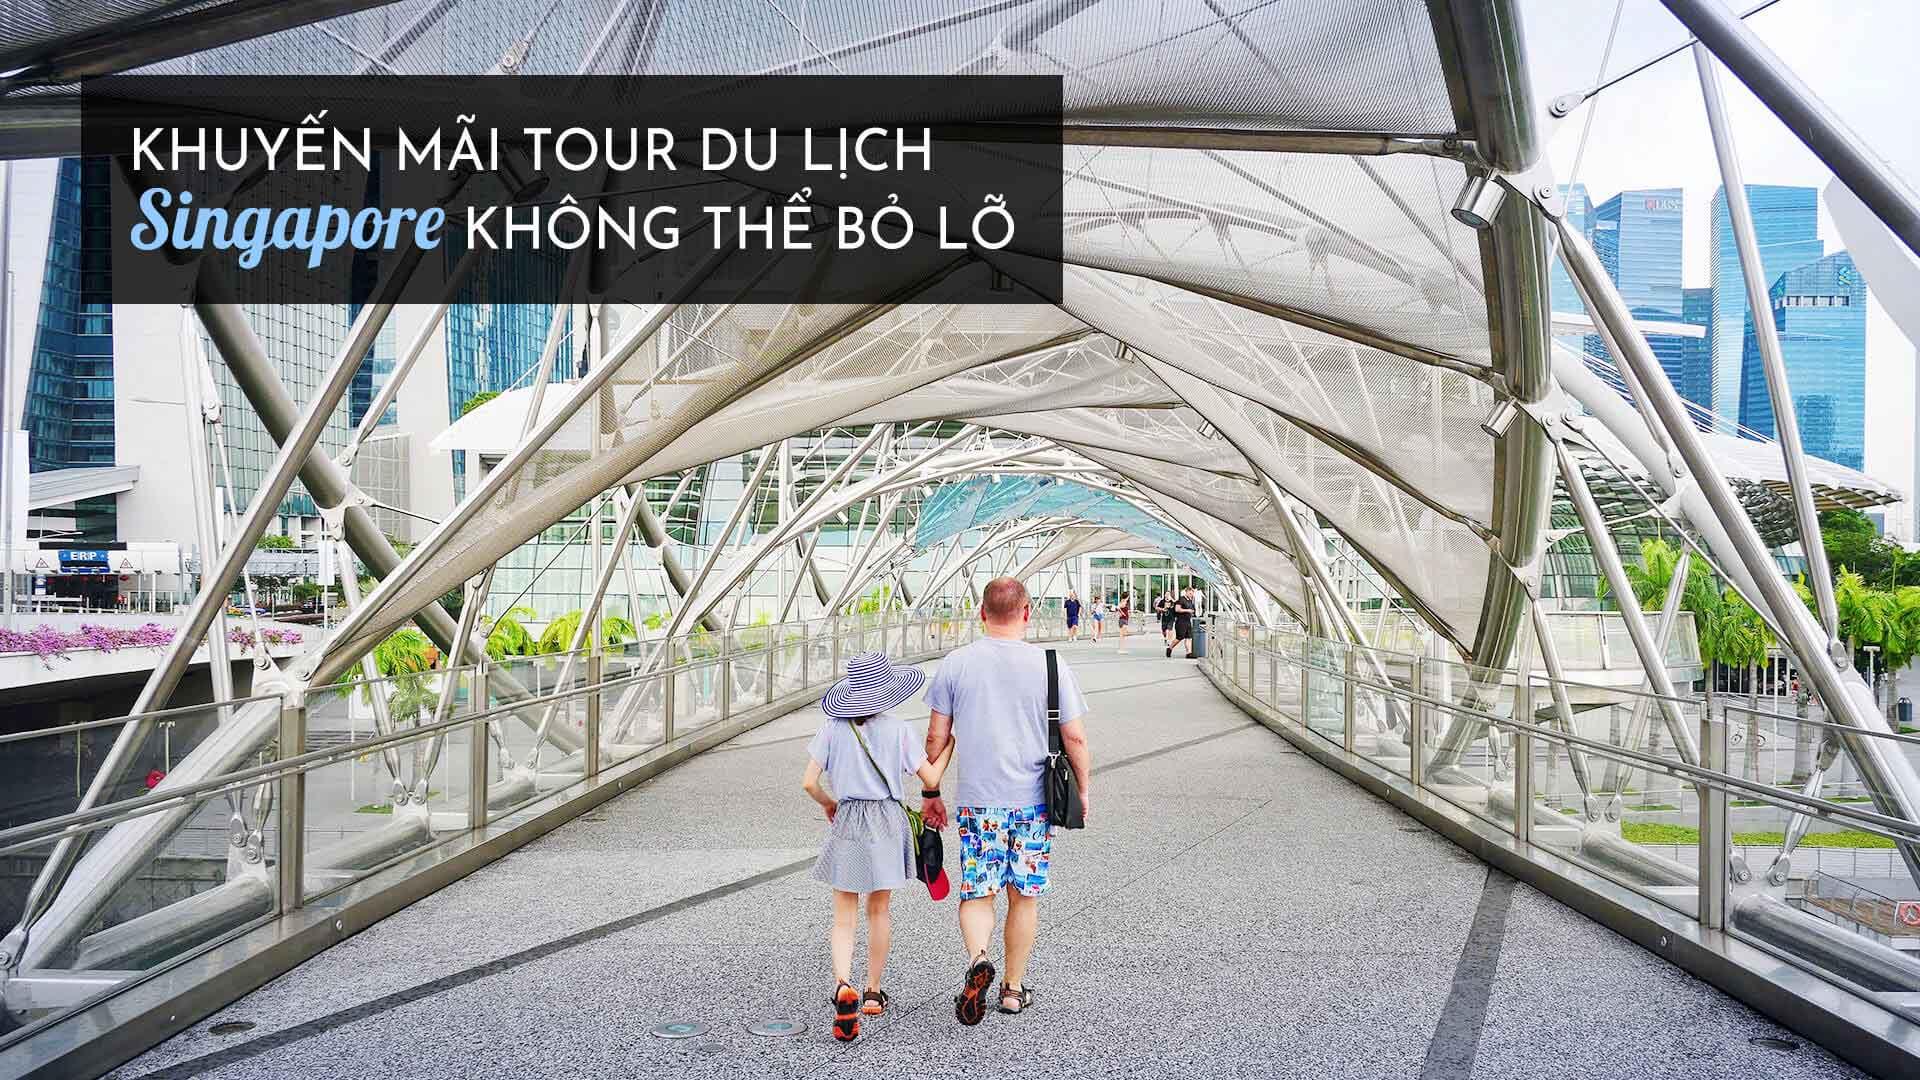 [CẢNH BÁO] Lừa đảo khuyến mãi tour du lịch Singapore